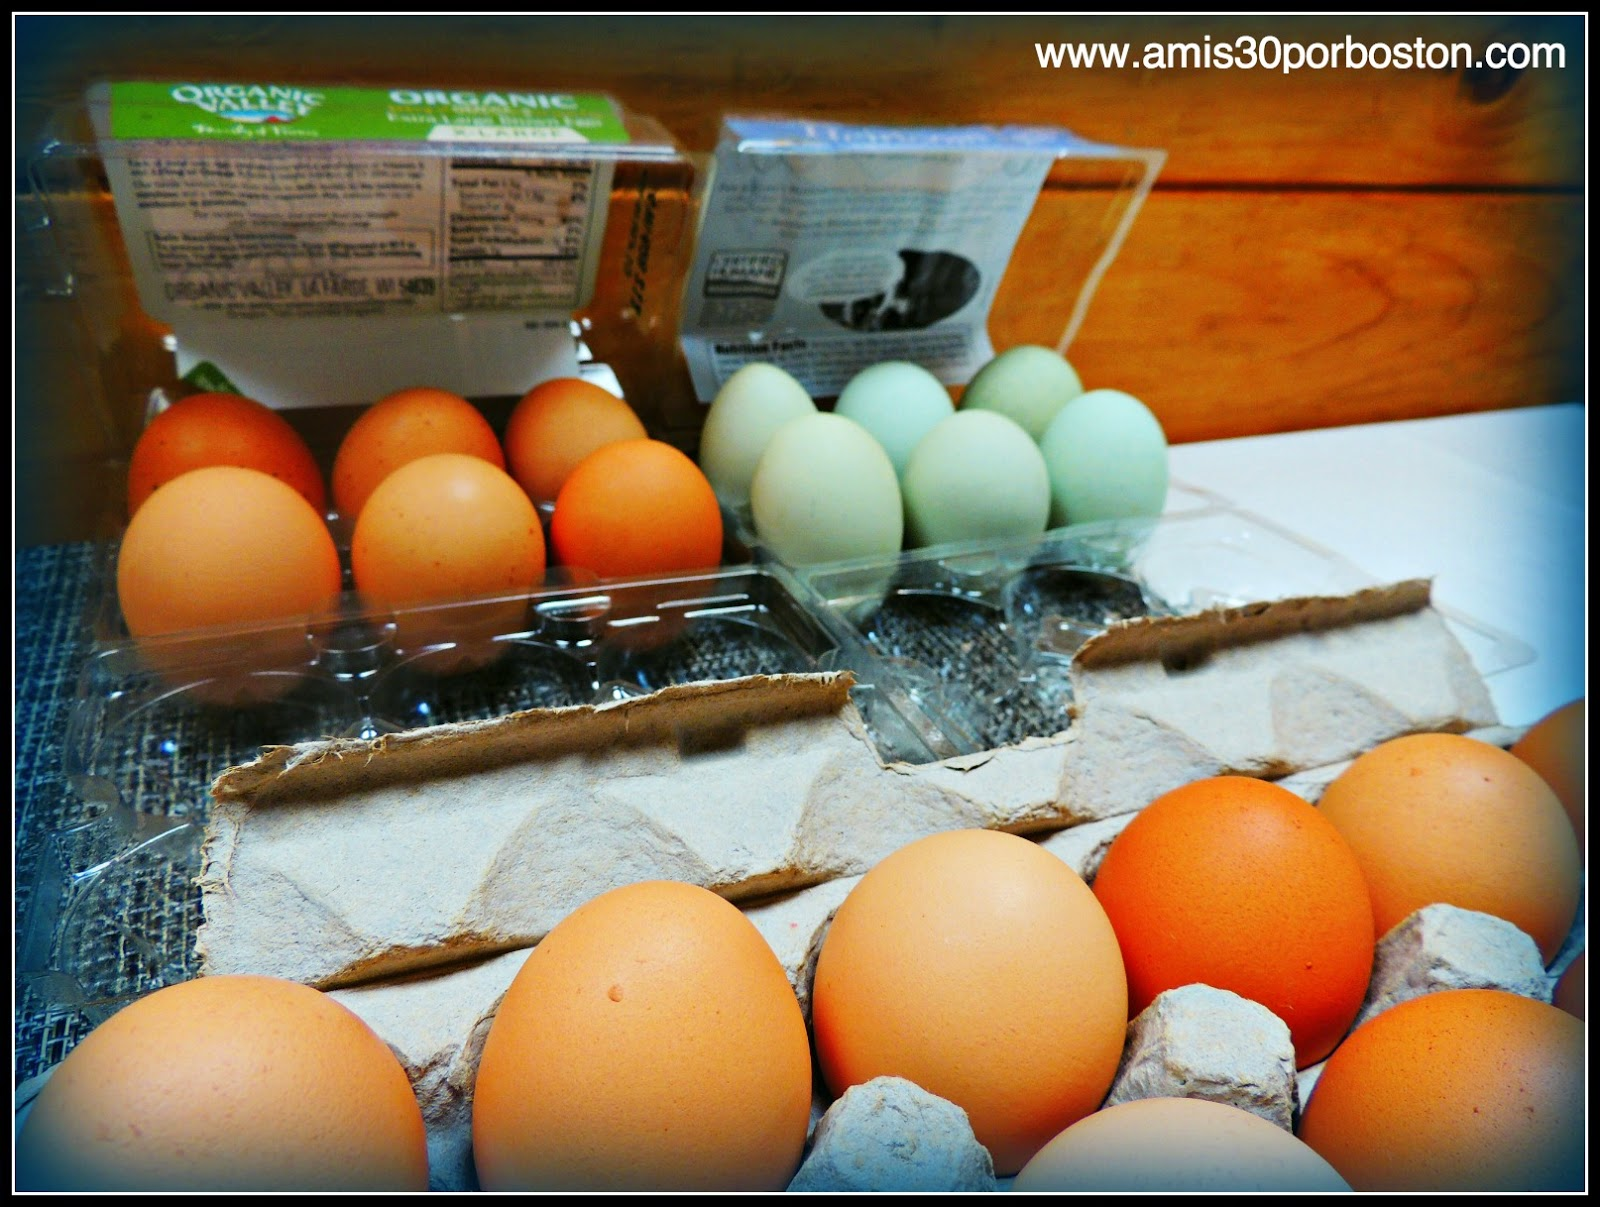 Huevos Azules y Morenos